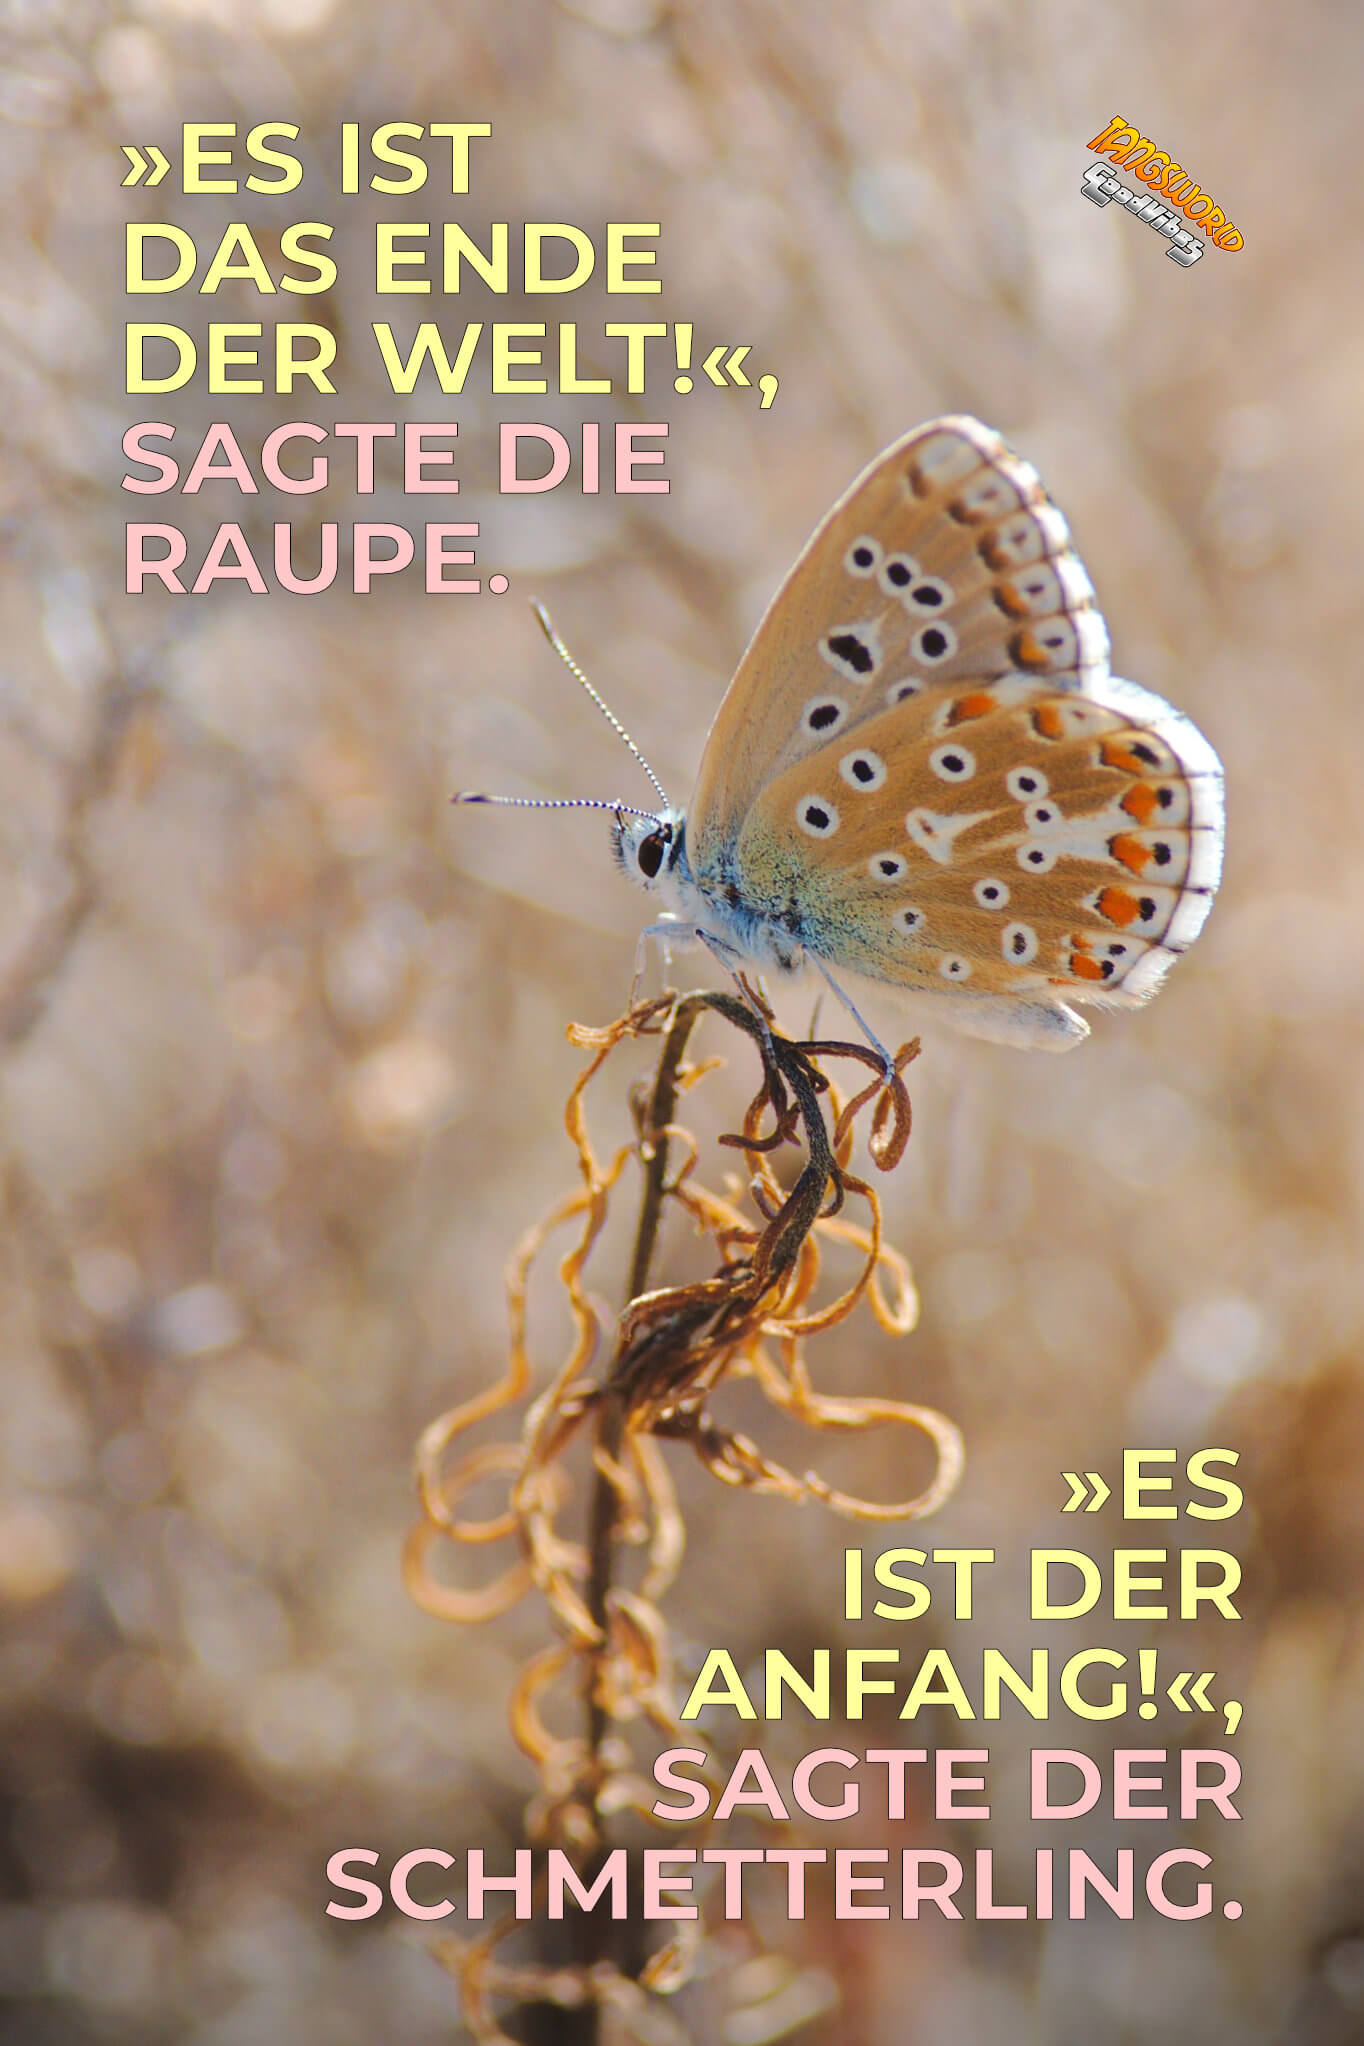 »Es ist das Ende der Welt!«, sagte die Raupe. »Es ist der Anfang!«, sagte der Schmetterling. - GoodVibes